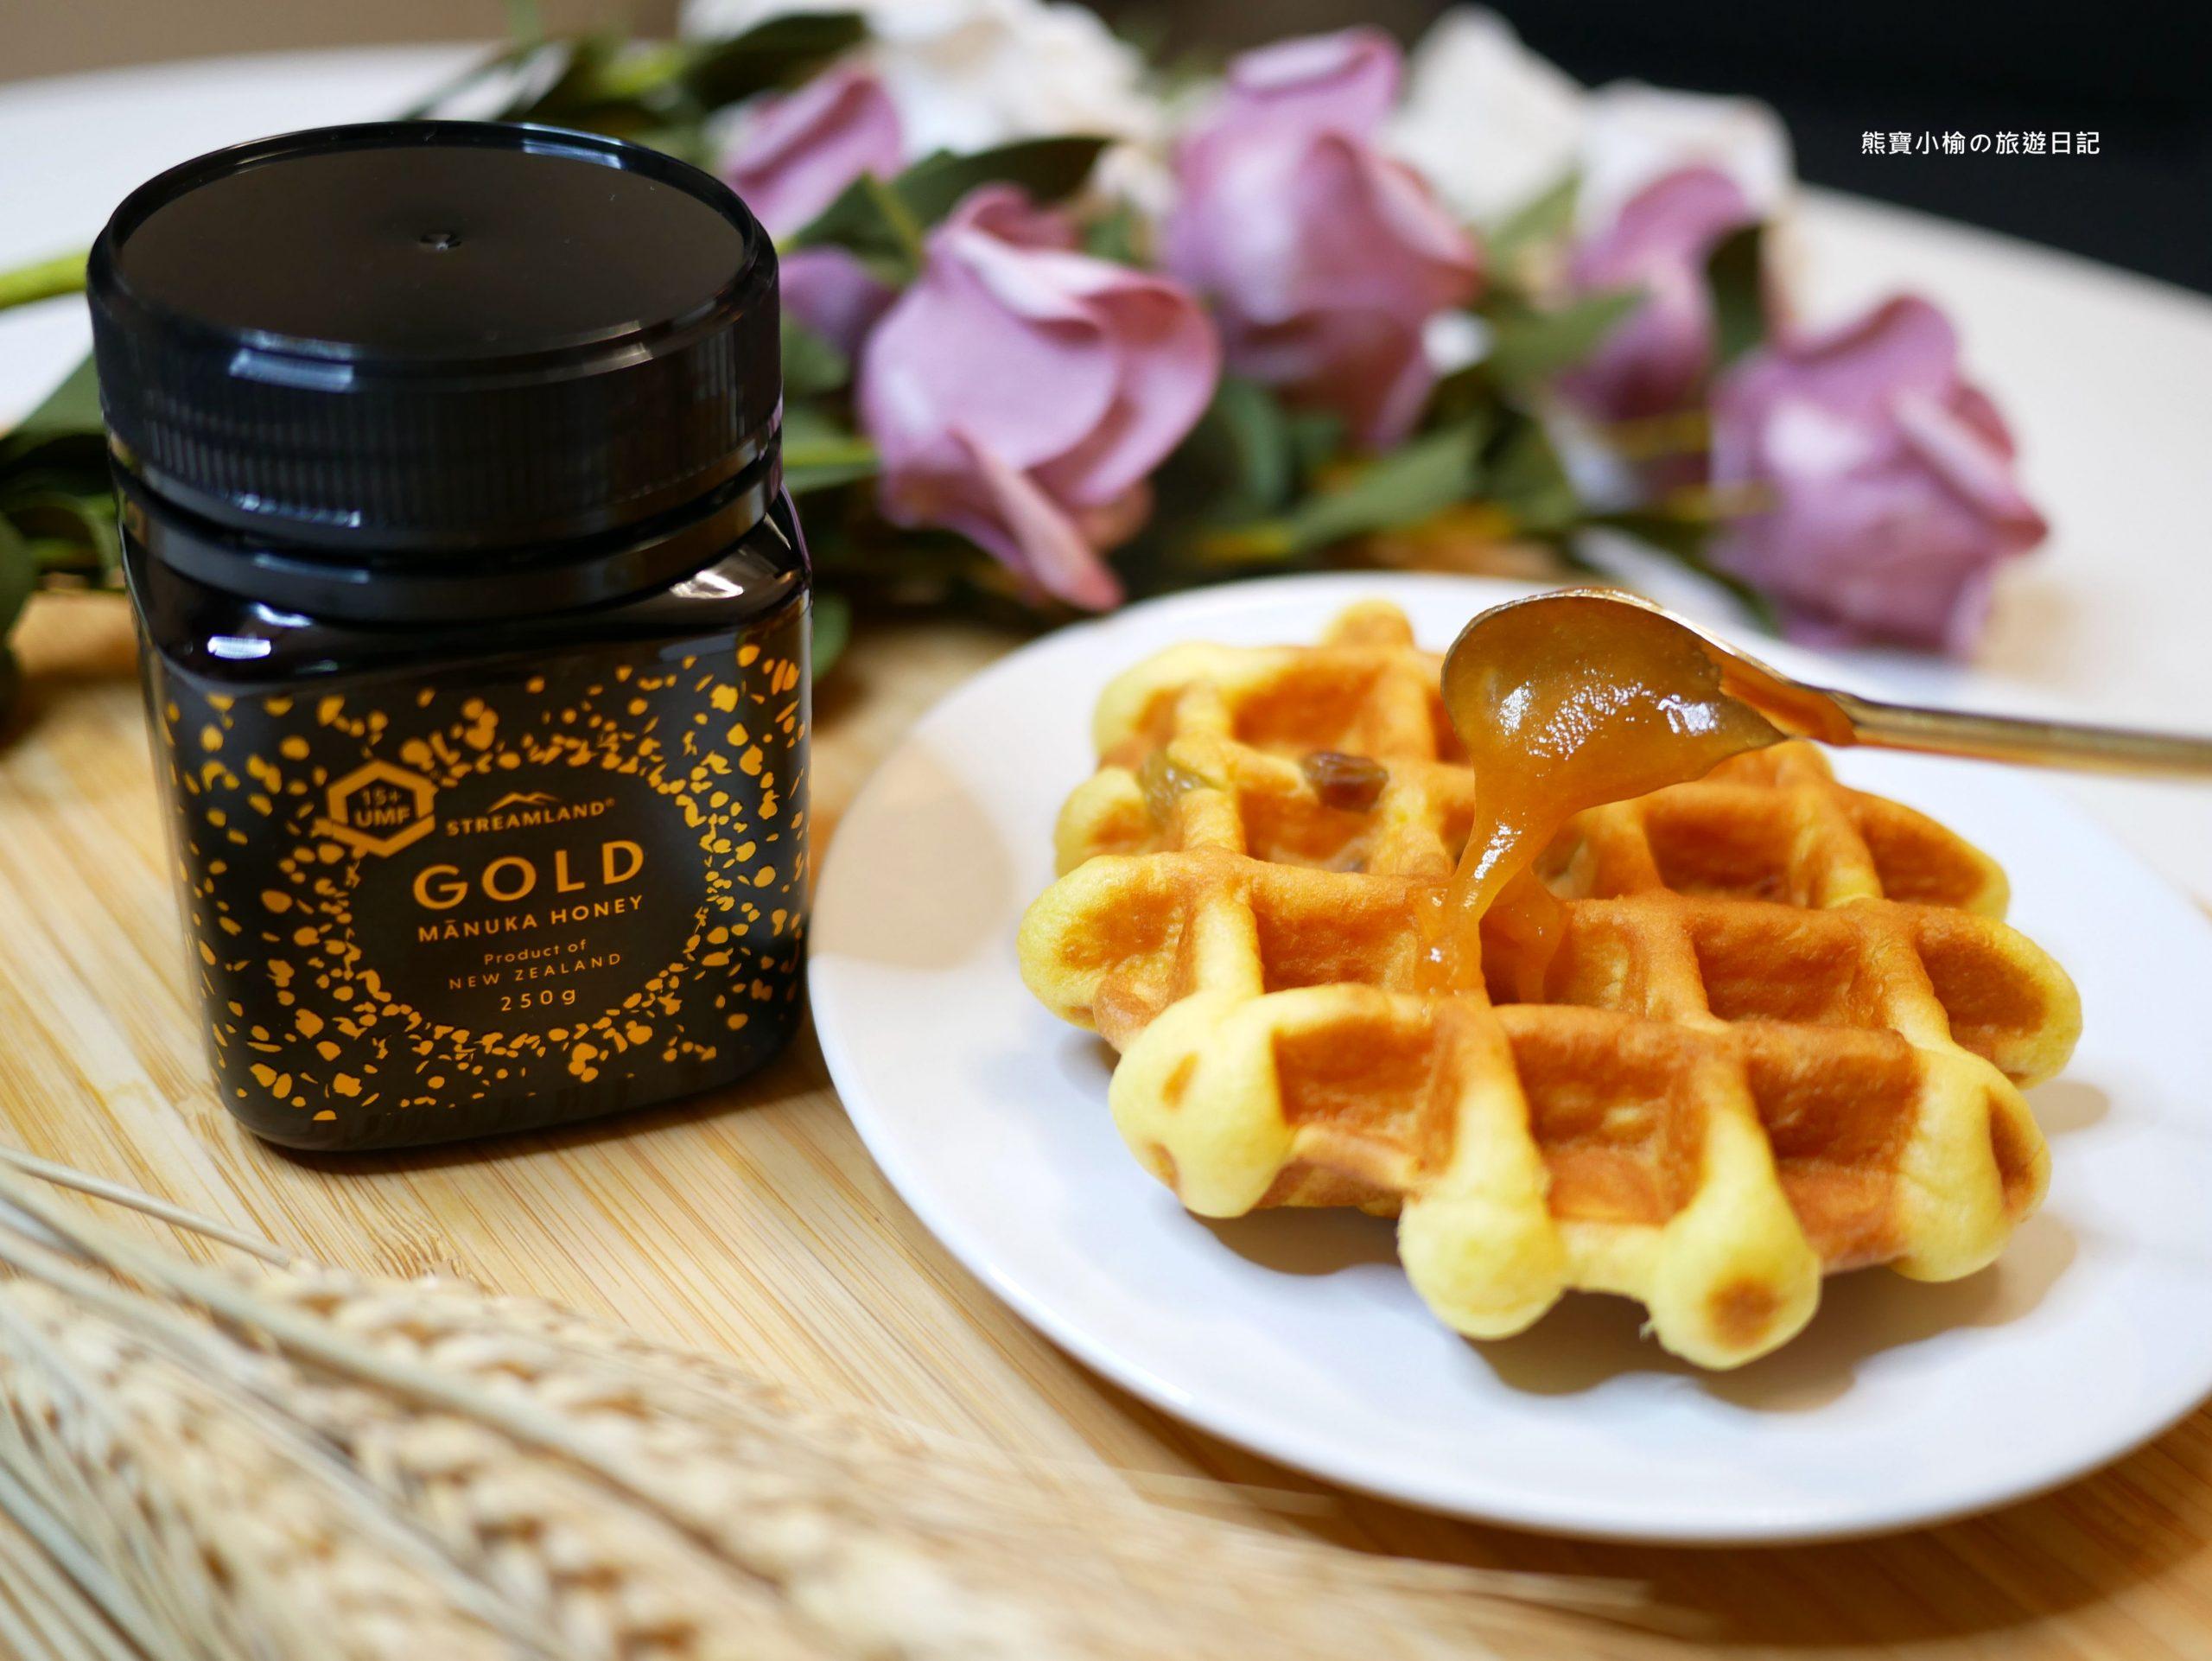 【居家美食】老協珍 STREAMLAND紐西蘭新溪島 麥蘆卡蜂蜜UMF®15+ 250g開箱心得,蜂蜜也可以這樣吃! @熊寶小榆の旅遊日記